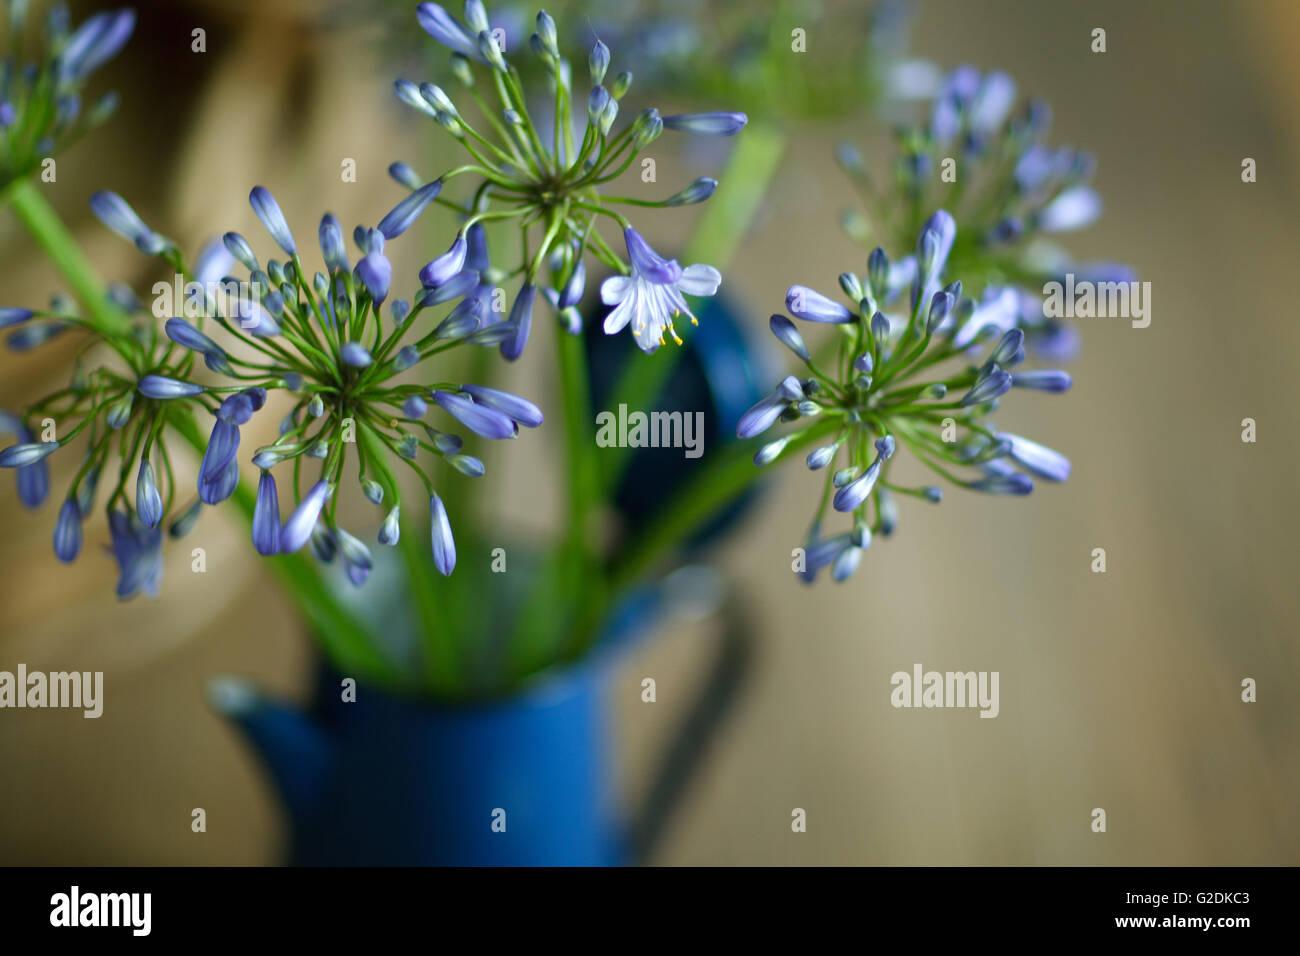 Stilleben mit blauen Zwiebelblüten in Retro - Kaffeekanne Stock Photo